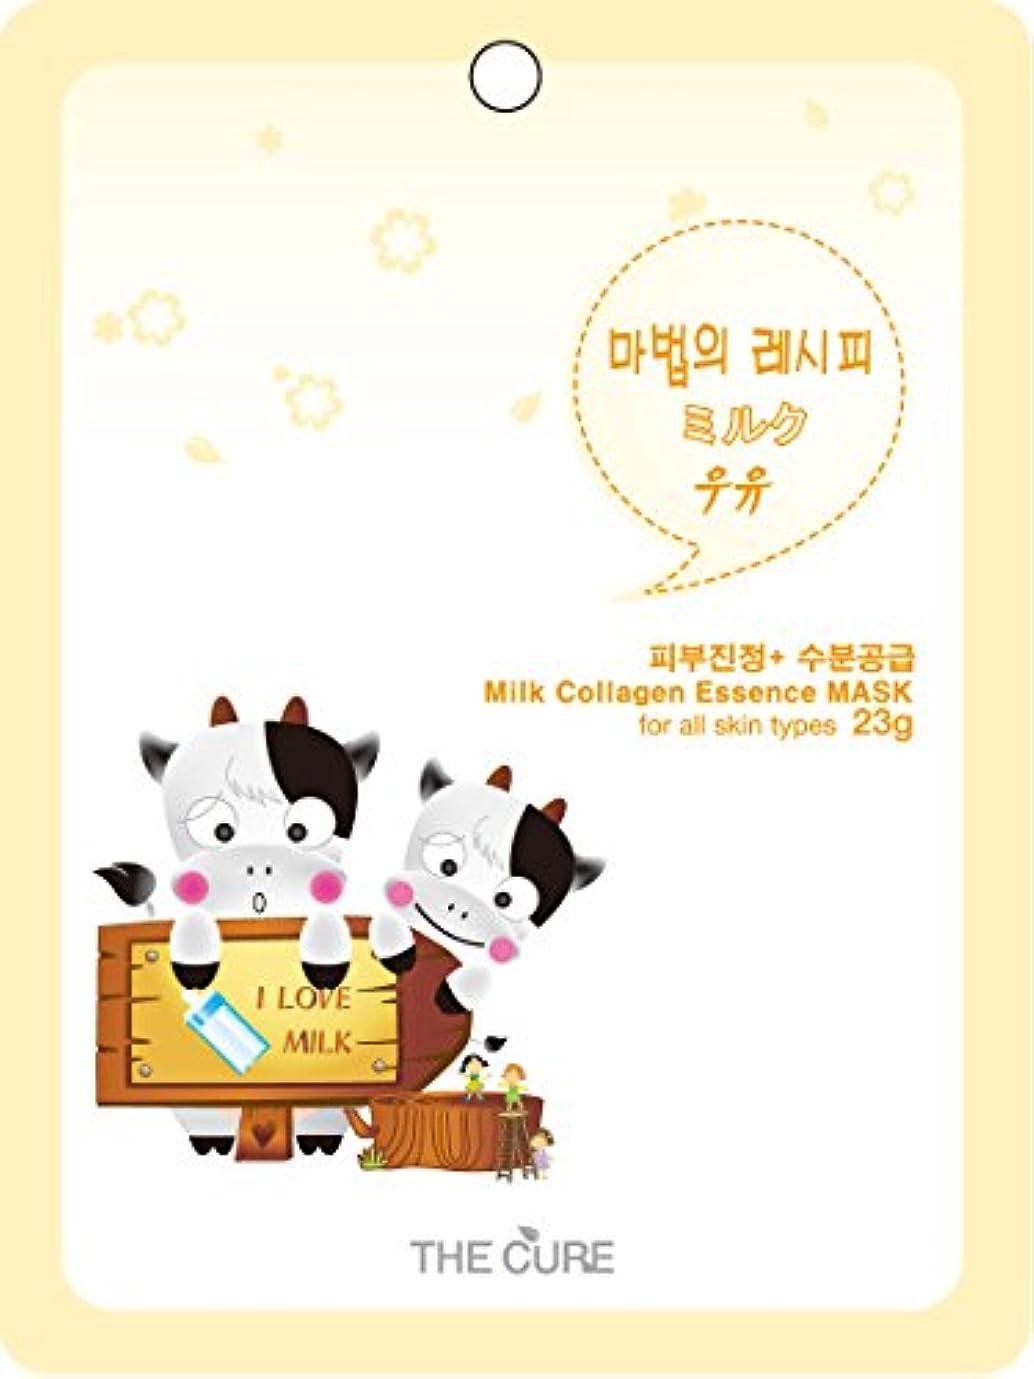 ルビー病弱チャンピオンミルク コラーゲン エッセンス マスク THE CURE シート パック 100枚セット 韓国 コスメ 乾燥肌 オイリー肌 混合肌